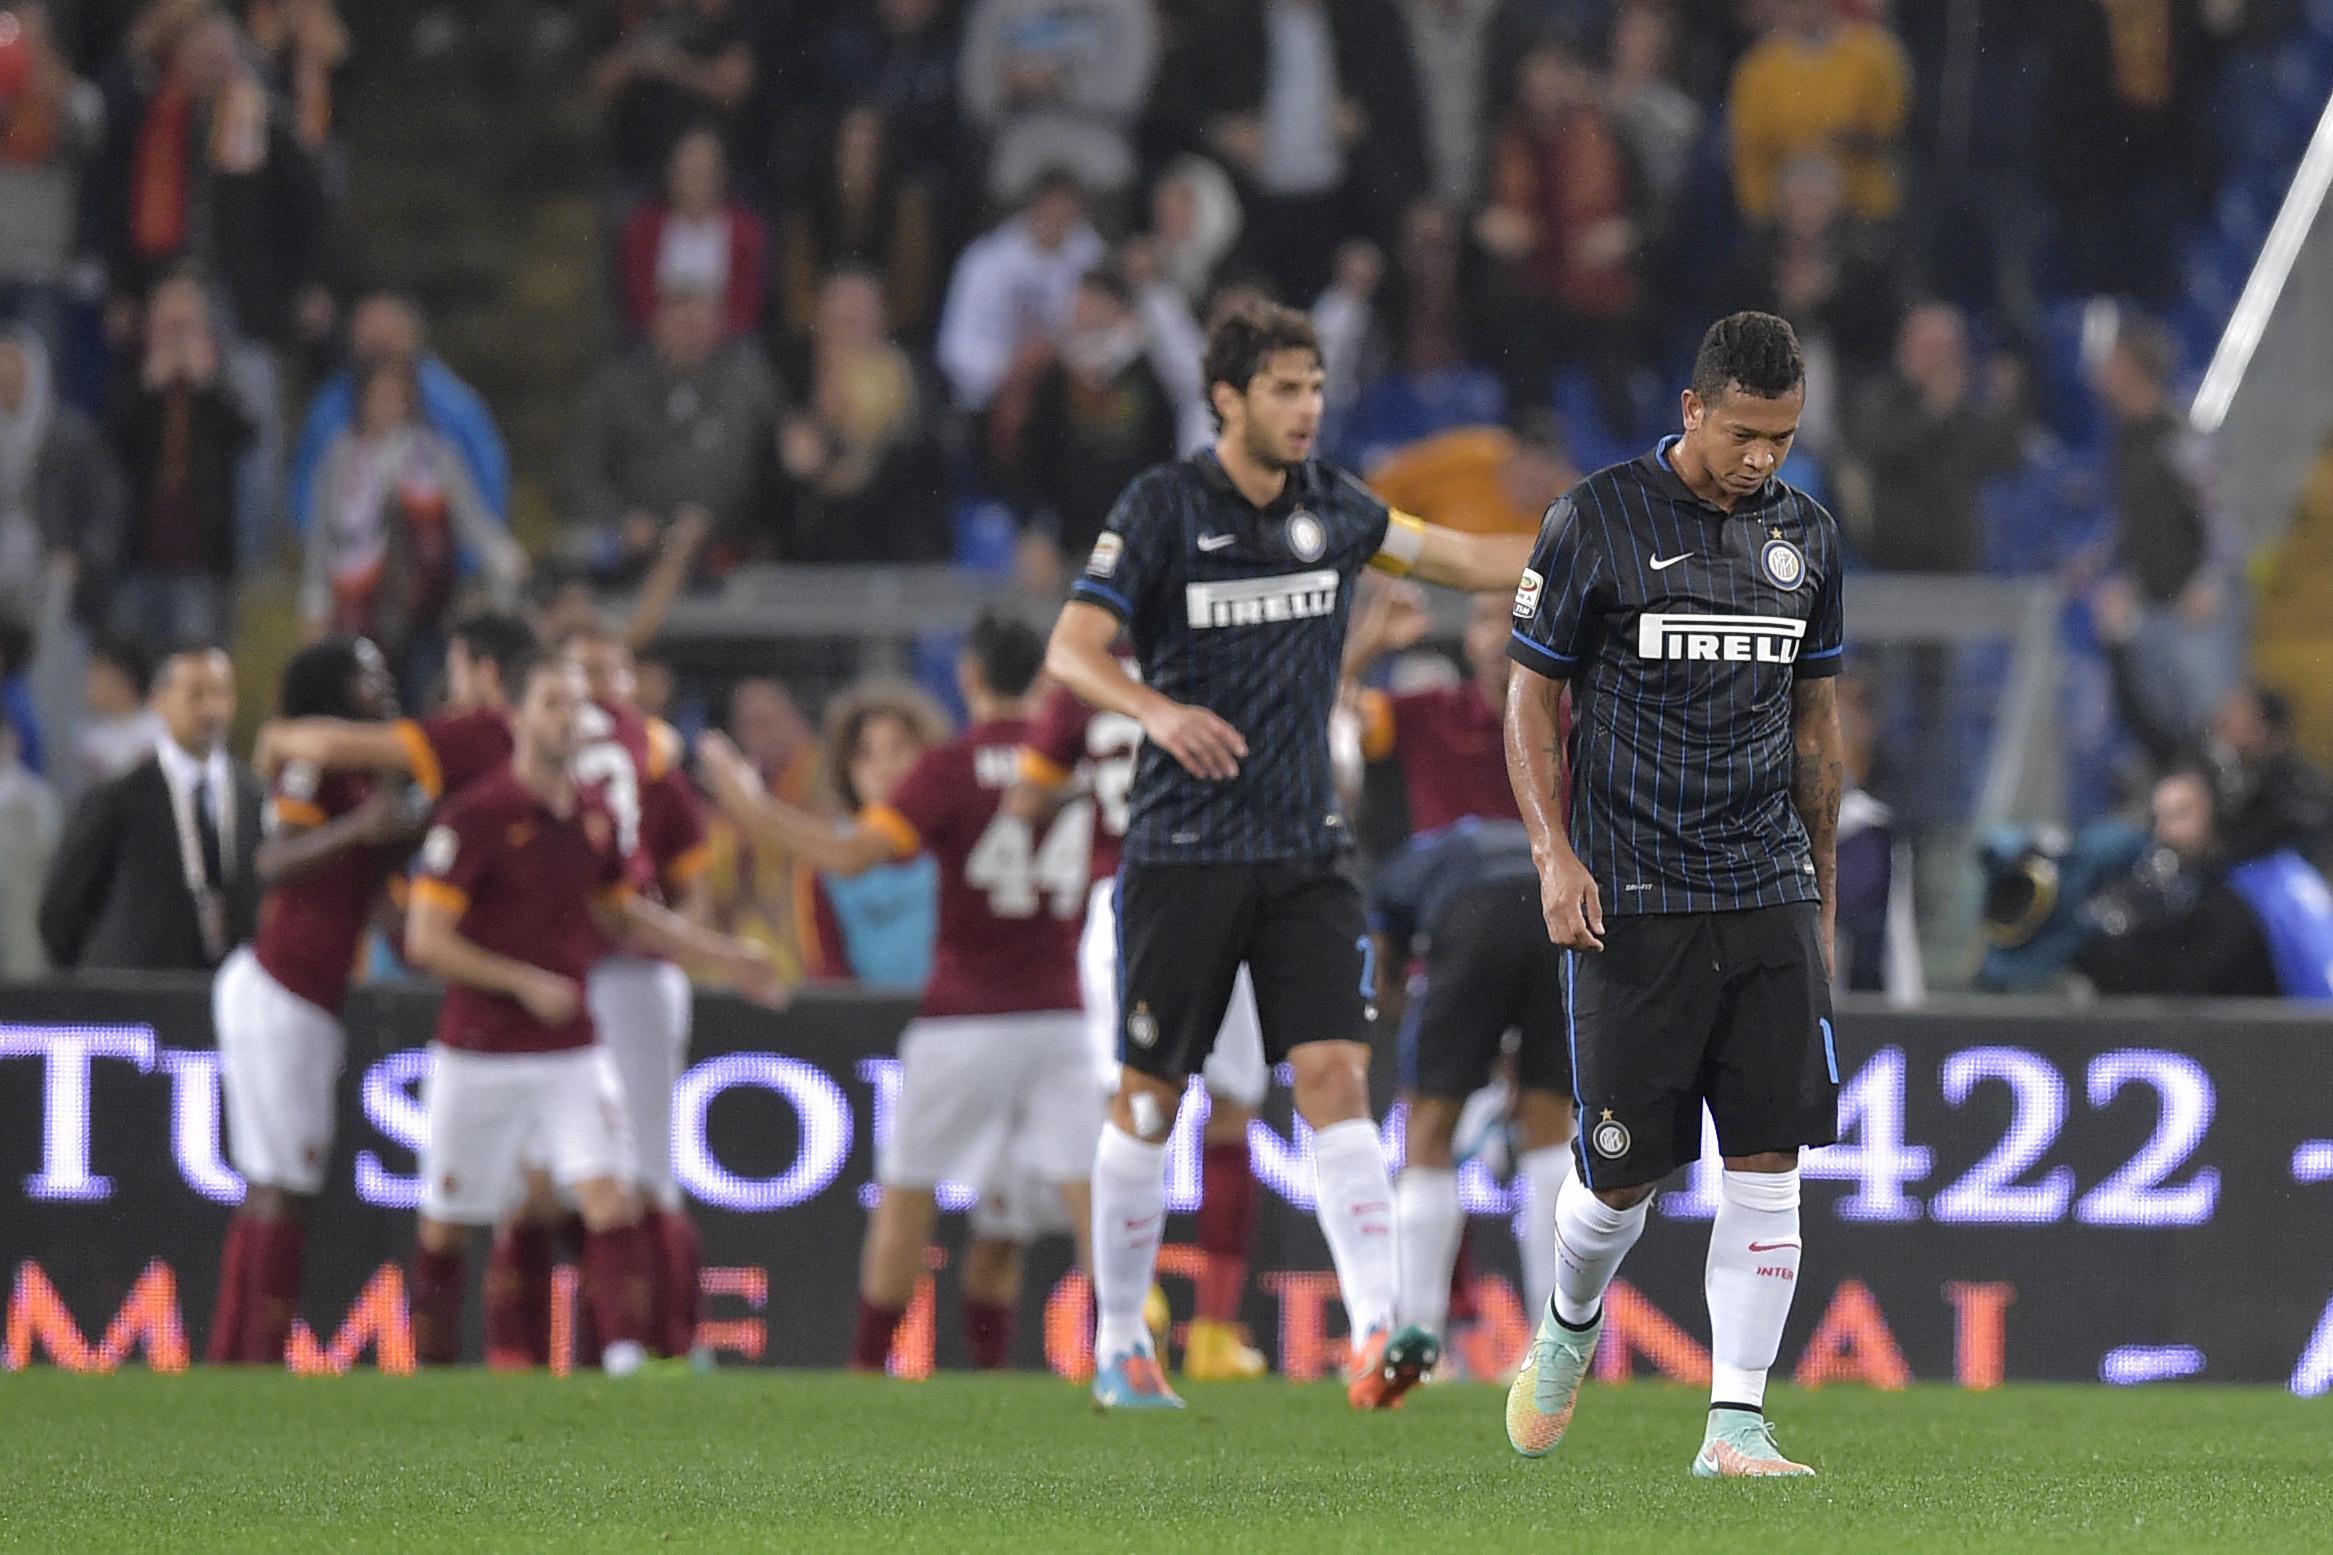 Serie A, Roma superiore contro una buona Inter. Finisce 4-2